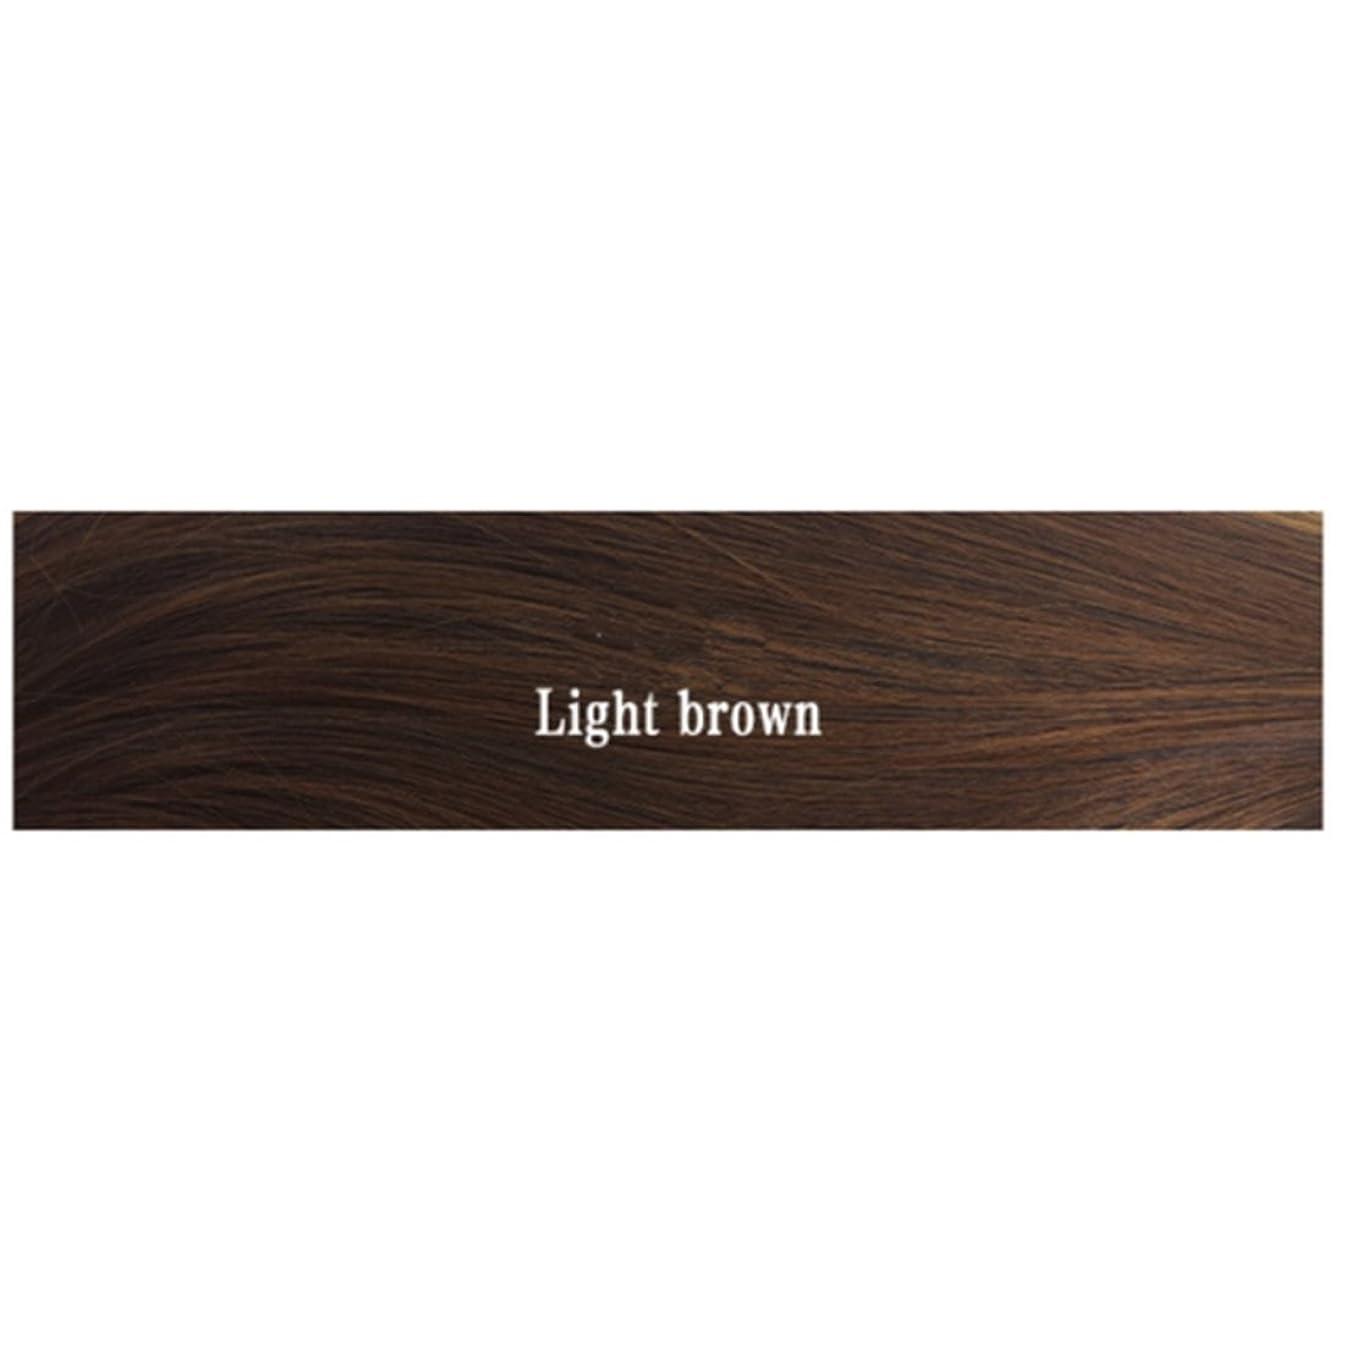 であることおもちゃ懐疑的Koloeplf ウィメンズ ウィッグ、エアー フラット 付き マイクロボリューム ストレート バックル ヘアー シンバス 耐熱 ウィッグ 長さ65cm (Color : Light brown)